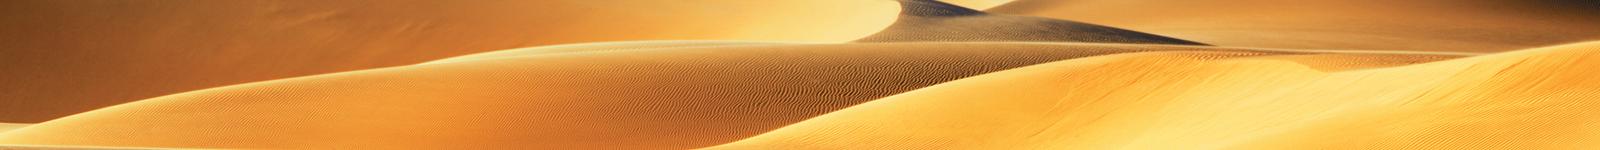 desertflip